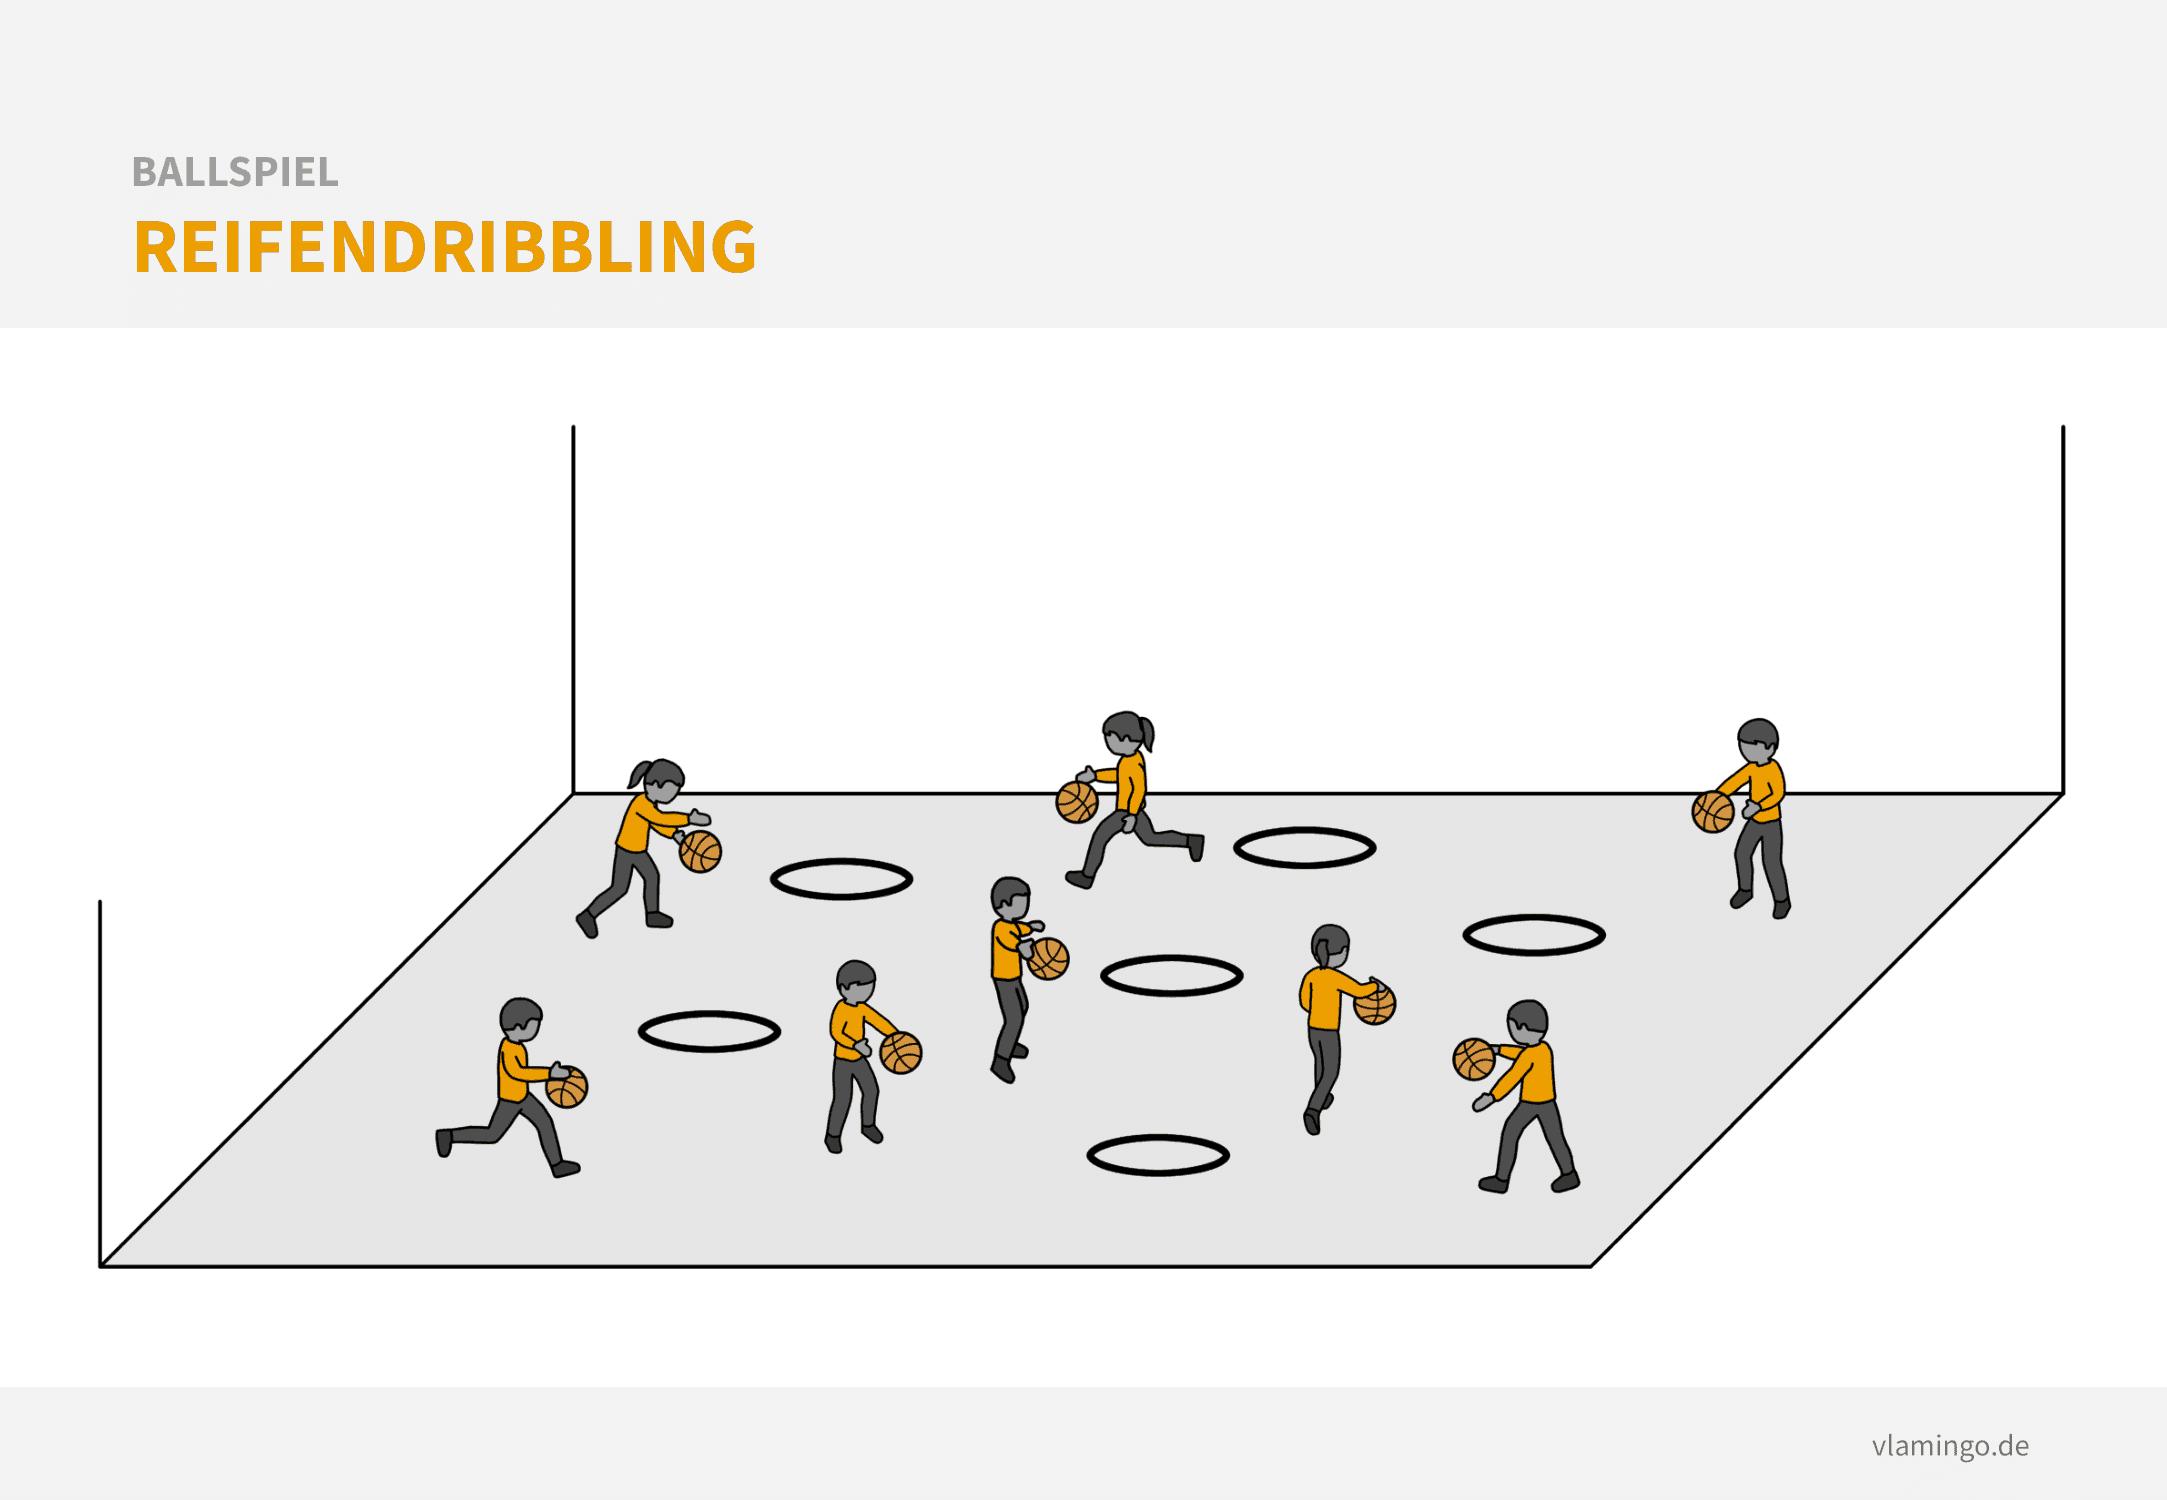 Ballspiel: Reifendribbling